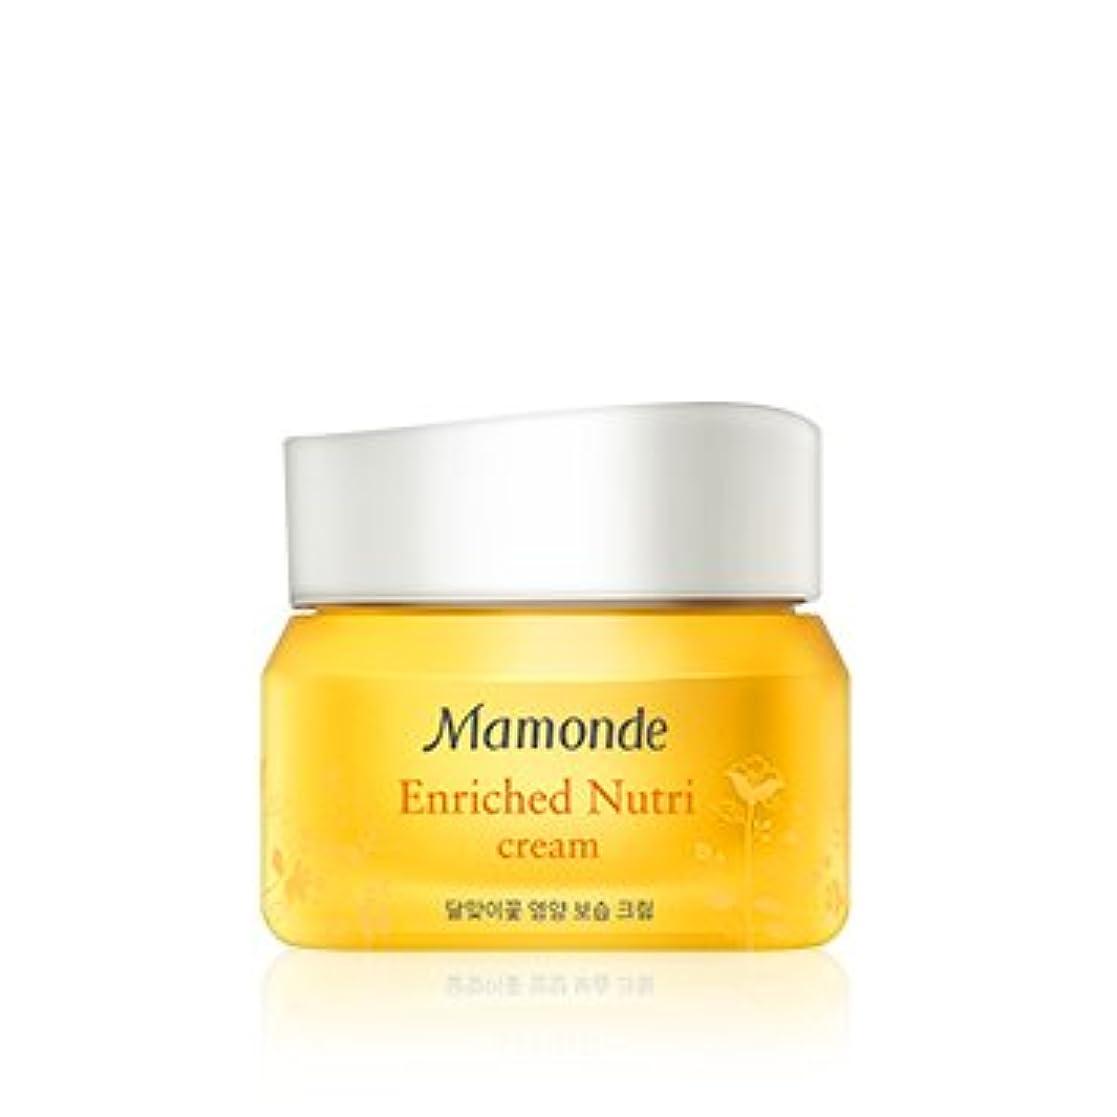 五巡礼者顔料[New] Mamonde Enriched Nutri Cream 50ml/マモンド エンリッチド ニュートリ クリーム 50ml [並行輸入品]